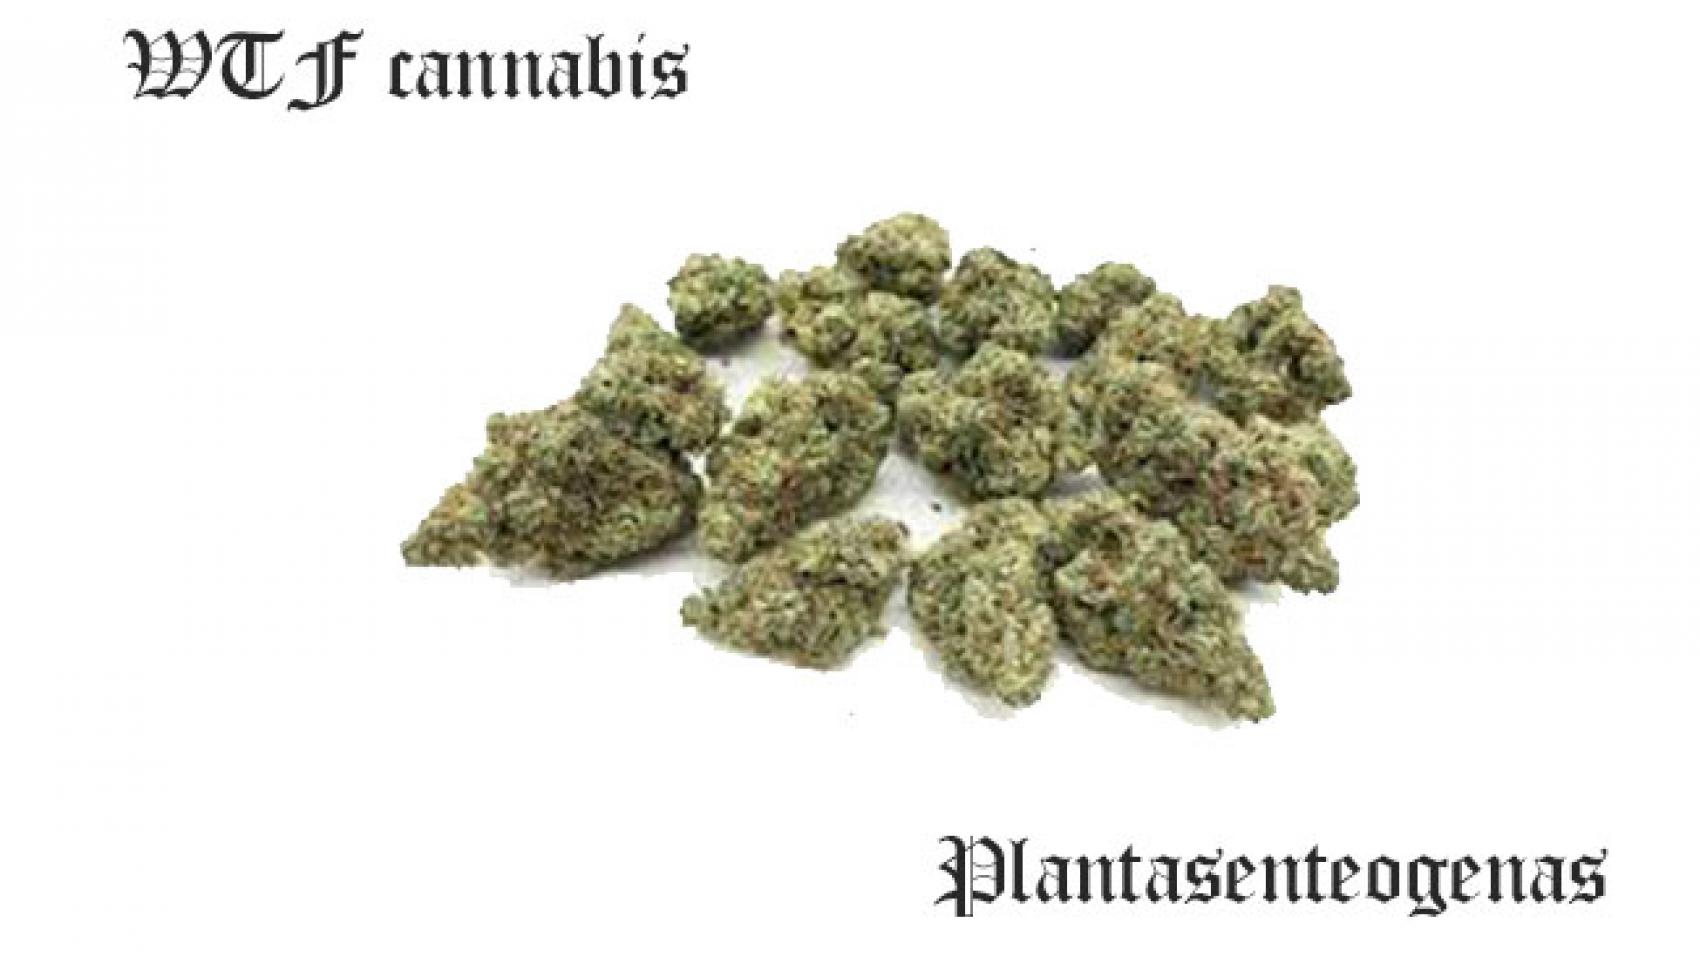 WTF cannabis